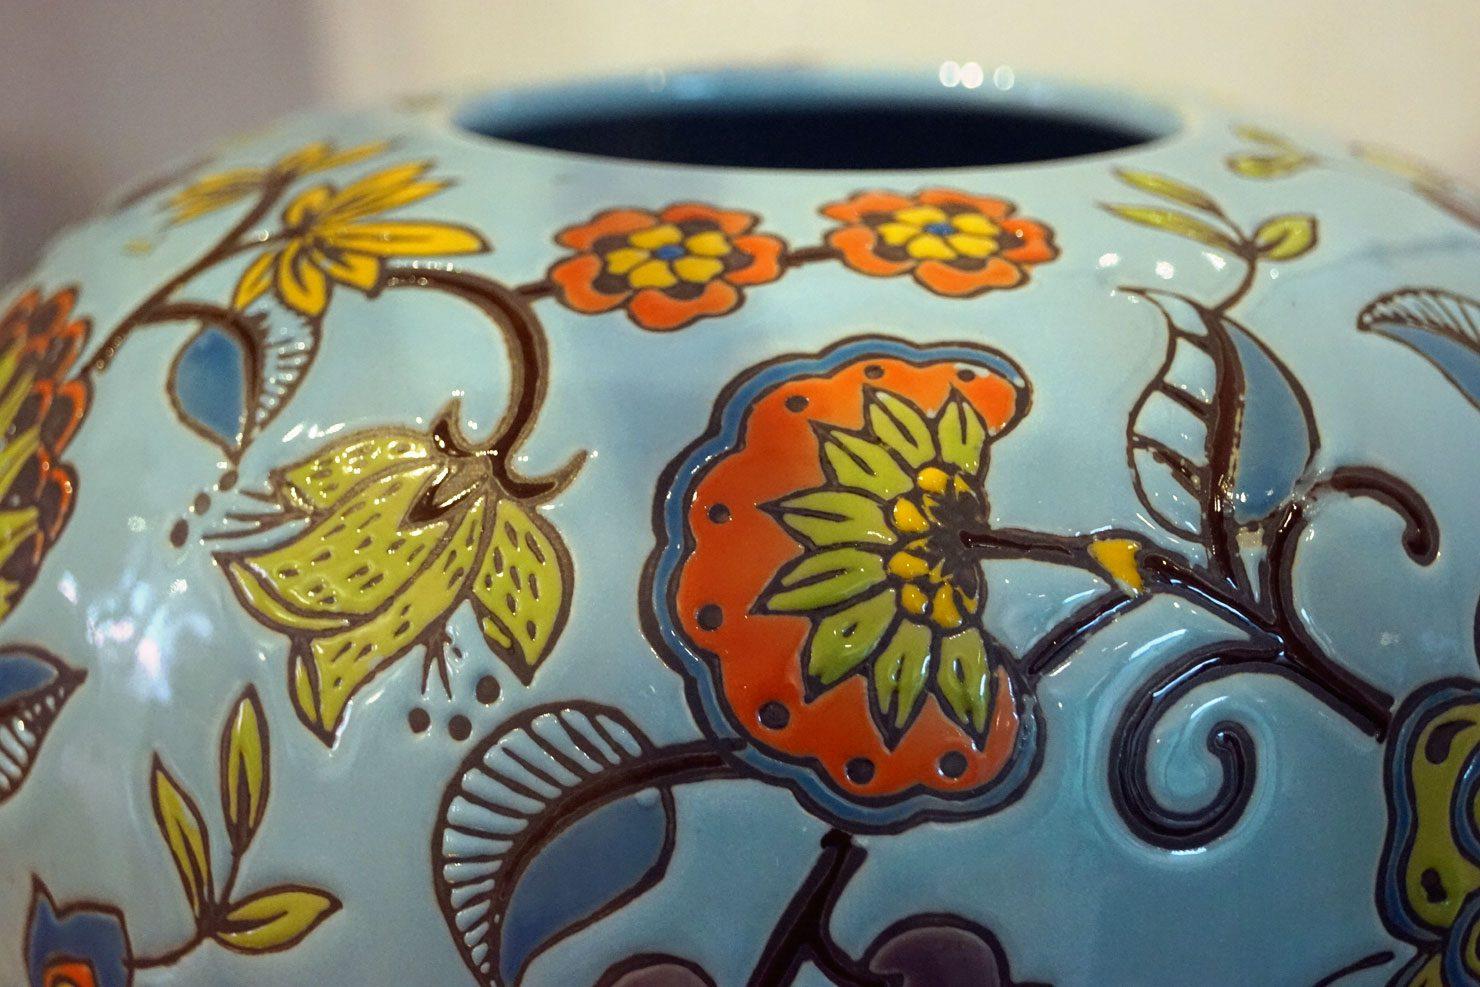 Blauw geglazuurde aardewerken Jinja vaas met bloemdecor van Des Pots, verkrijgbaar bij Schreuder & Kraan in Haarlem